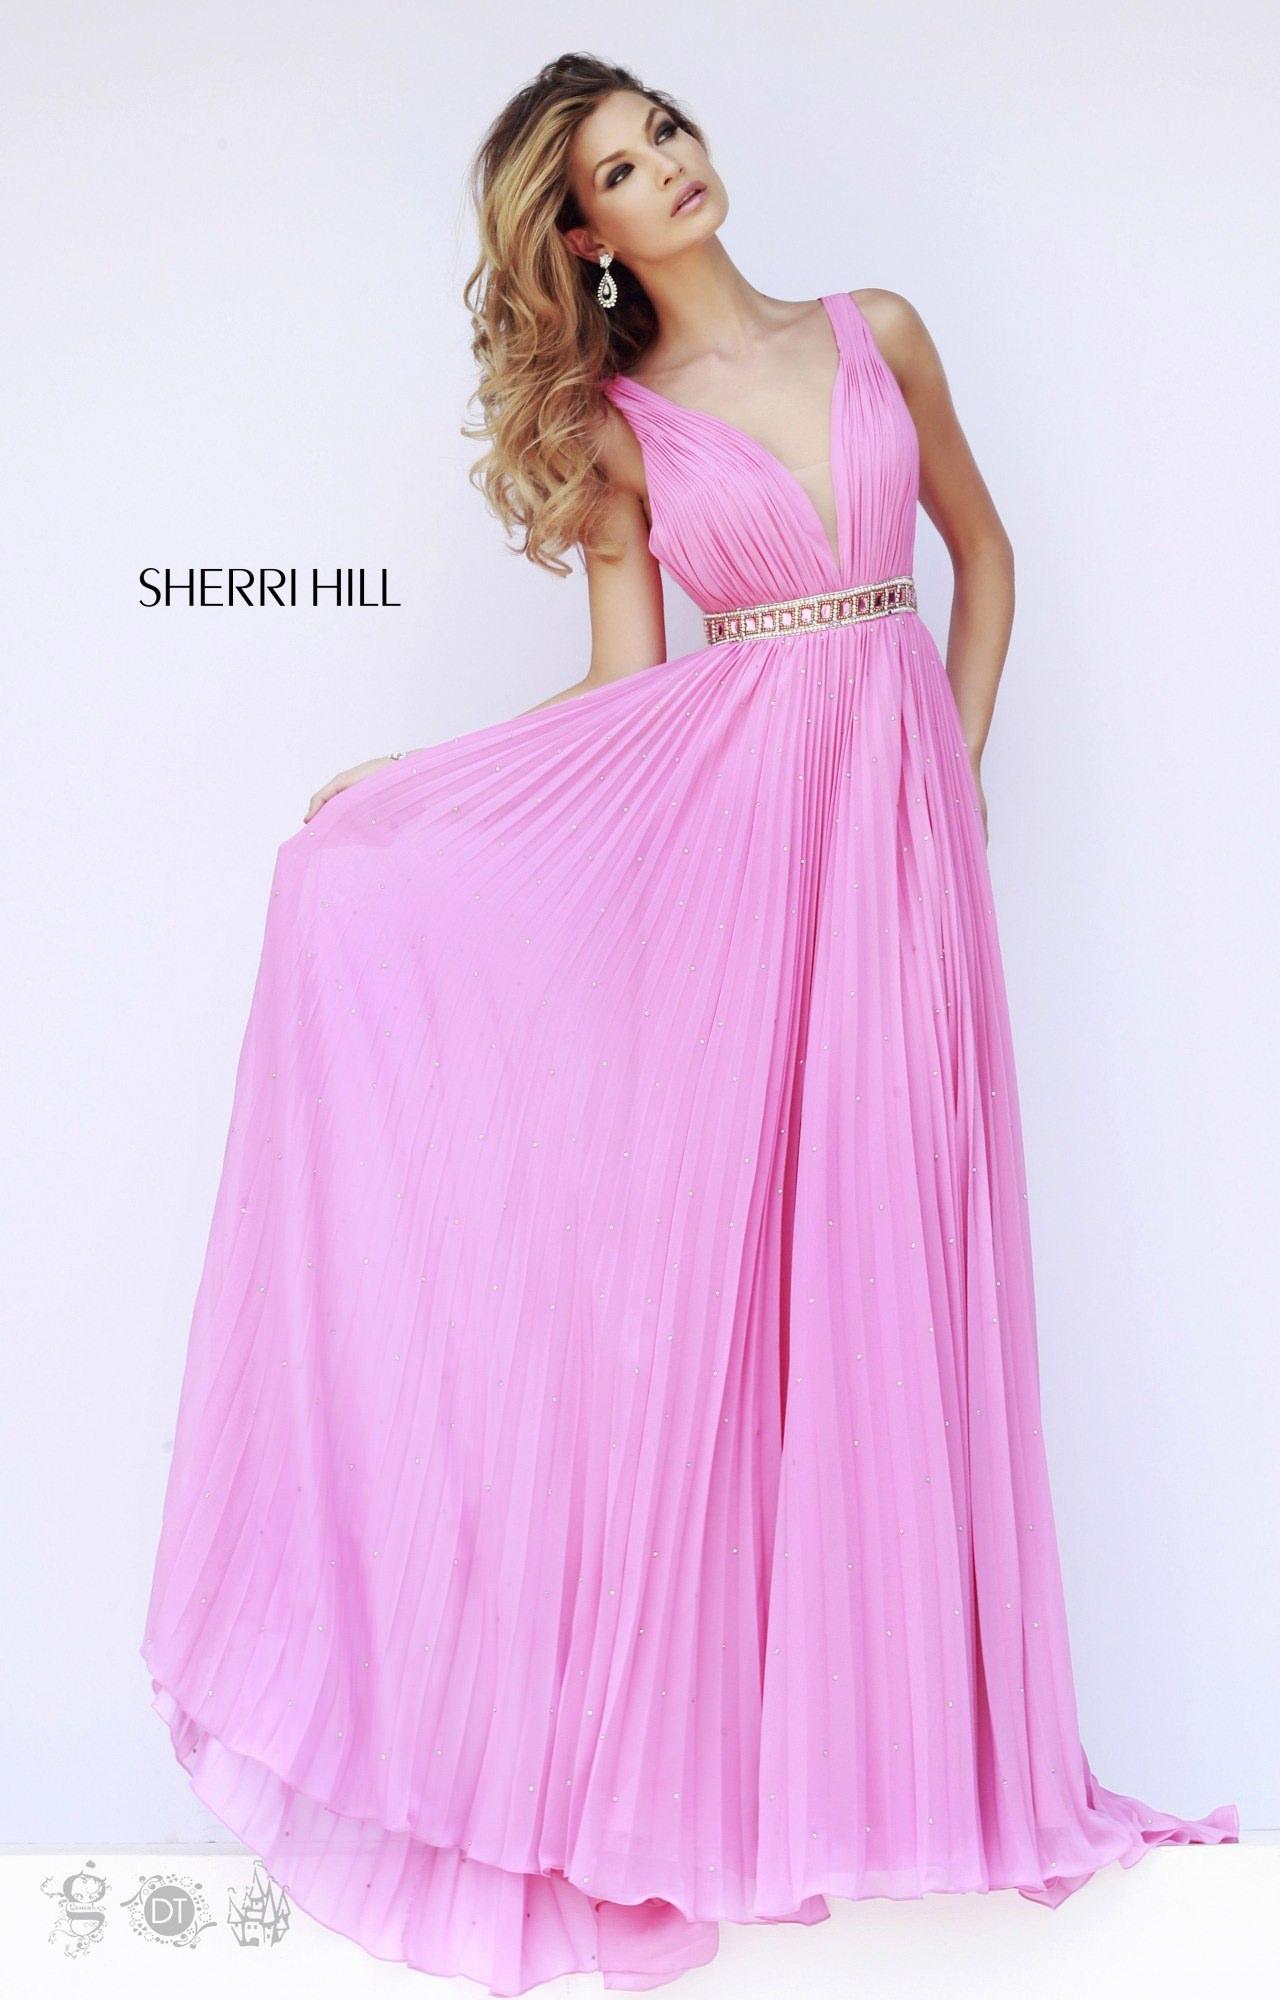 Sherri Hill 11222 - Greek Goddess Flowing Dress Prom Dress